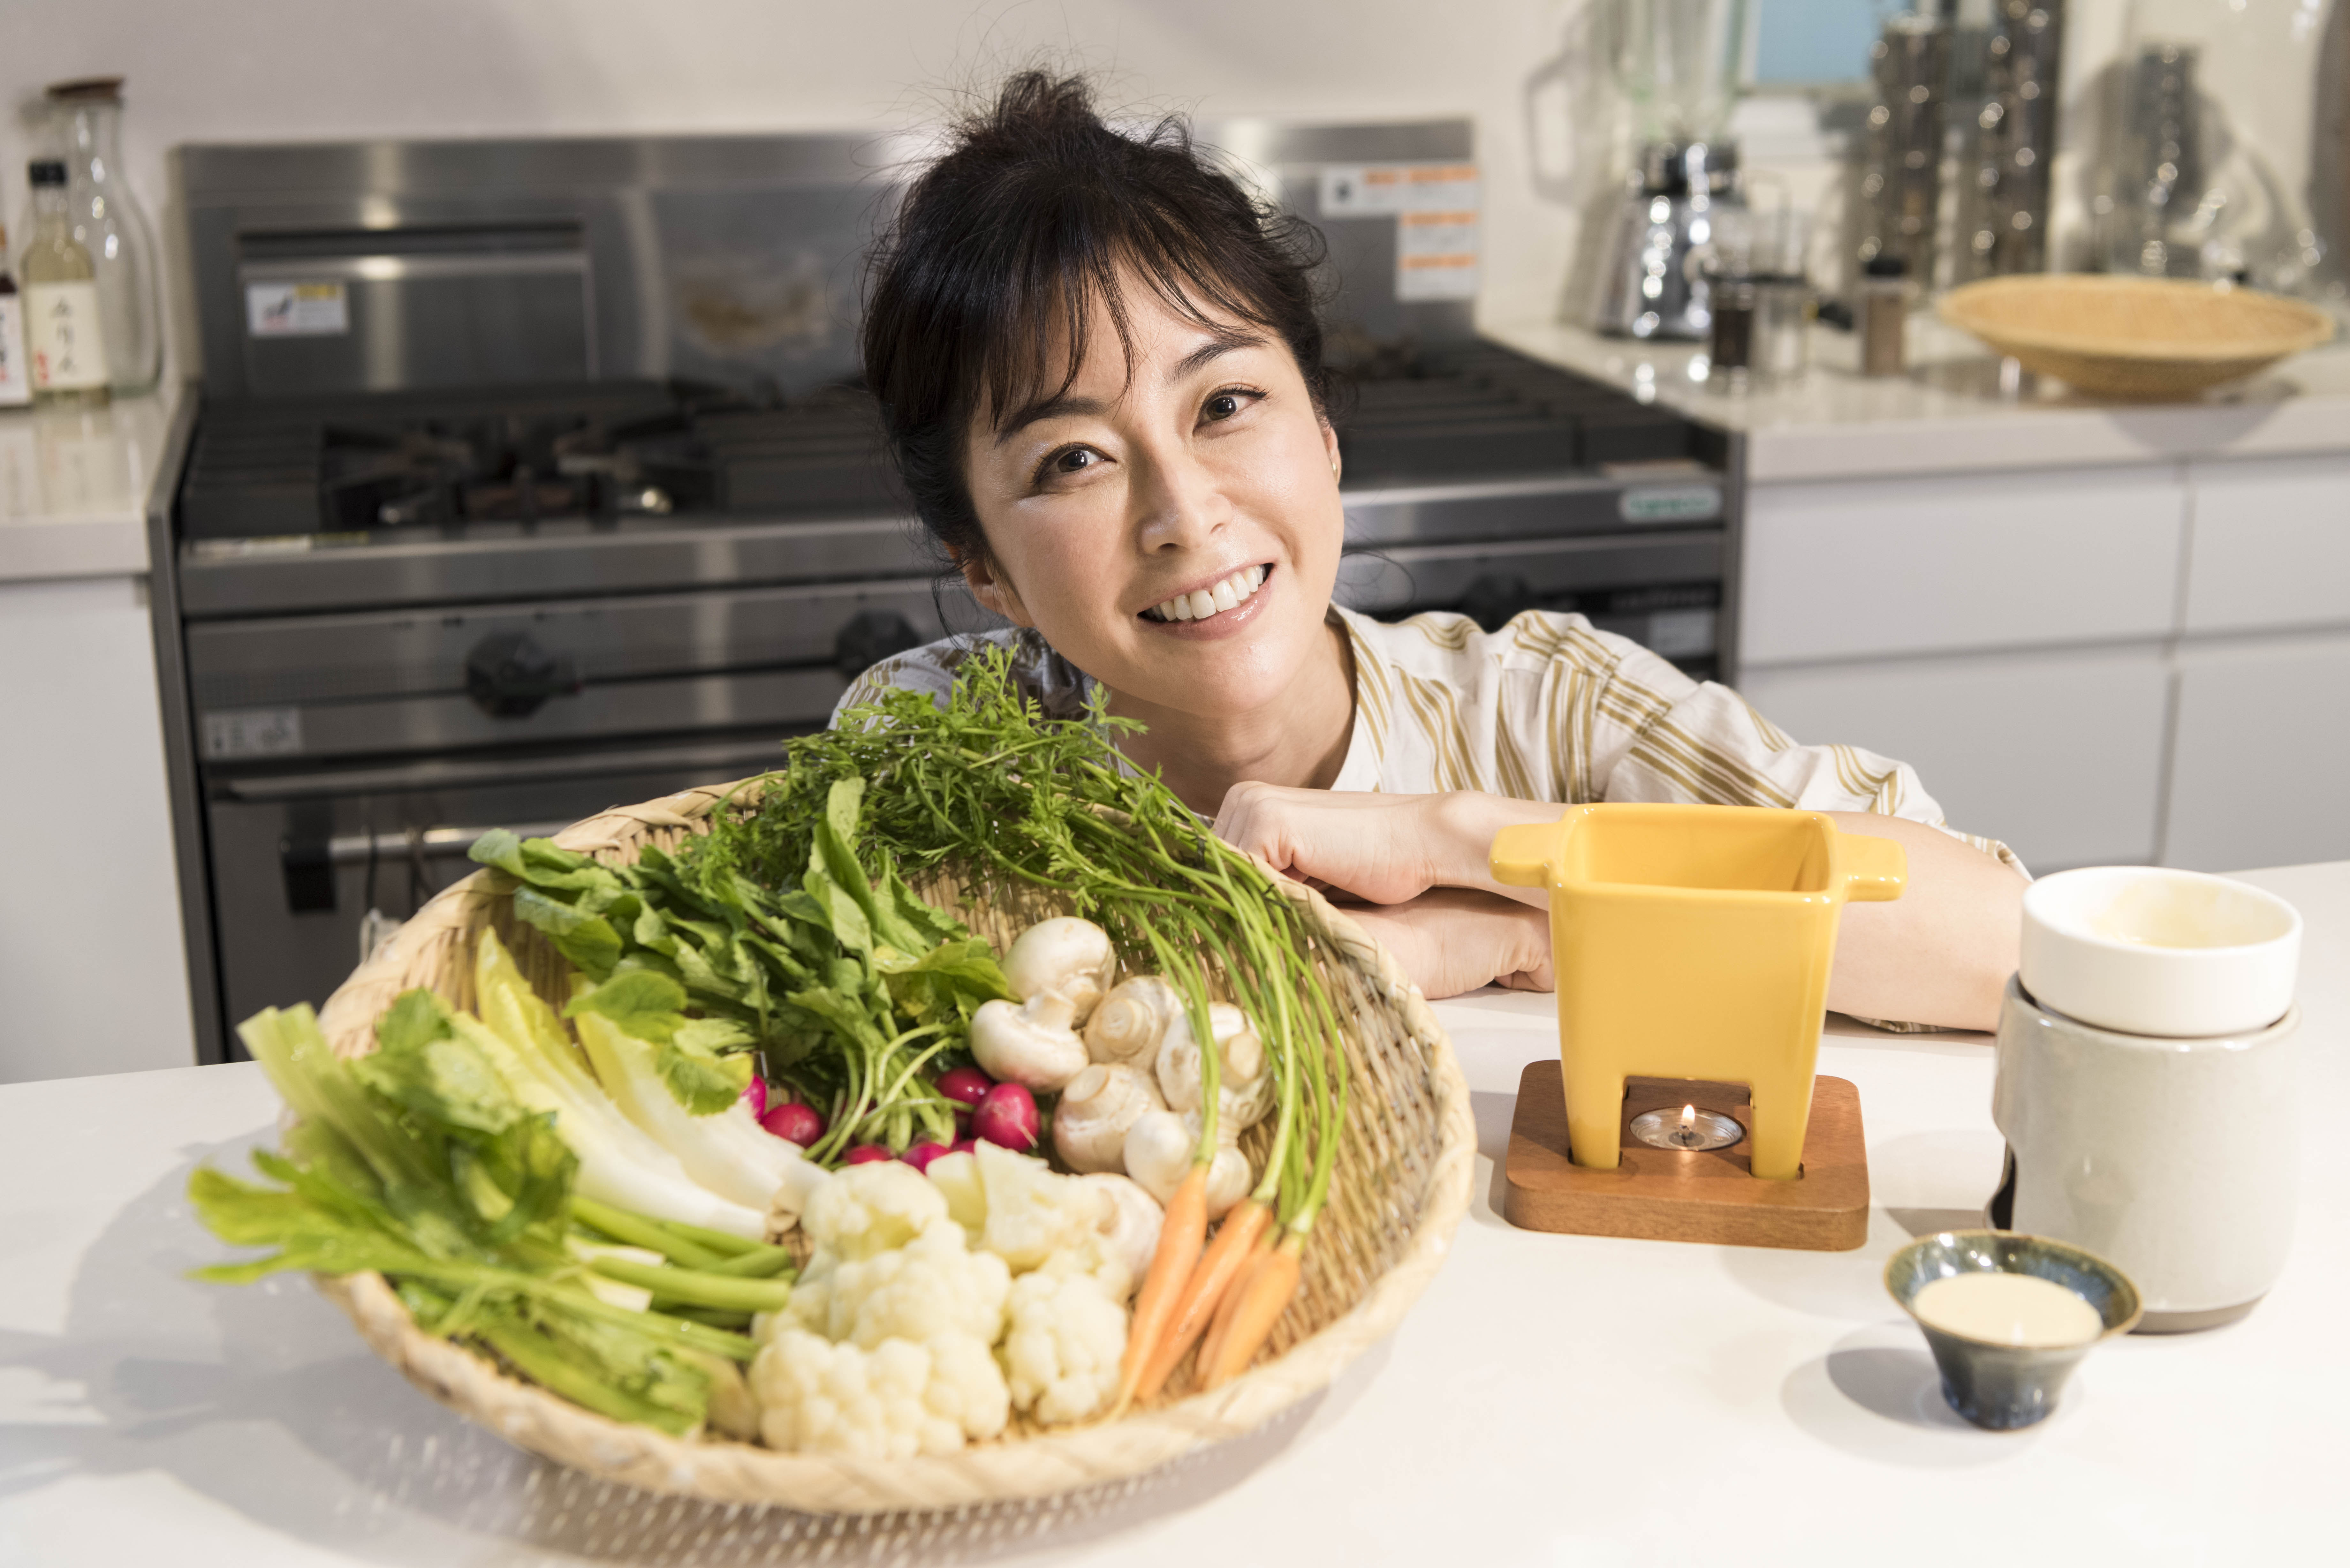 野菜不足解消!3種の手作りソースで楽しむ、鮮やかバーニャカウダ【Mio's cooking】